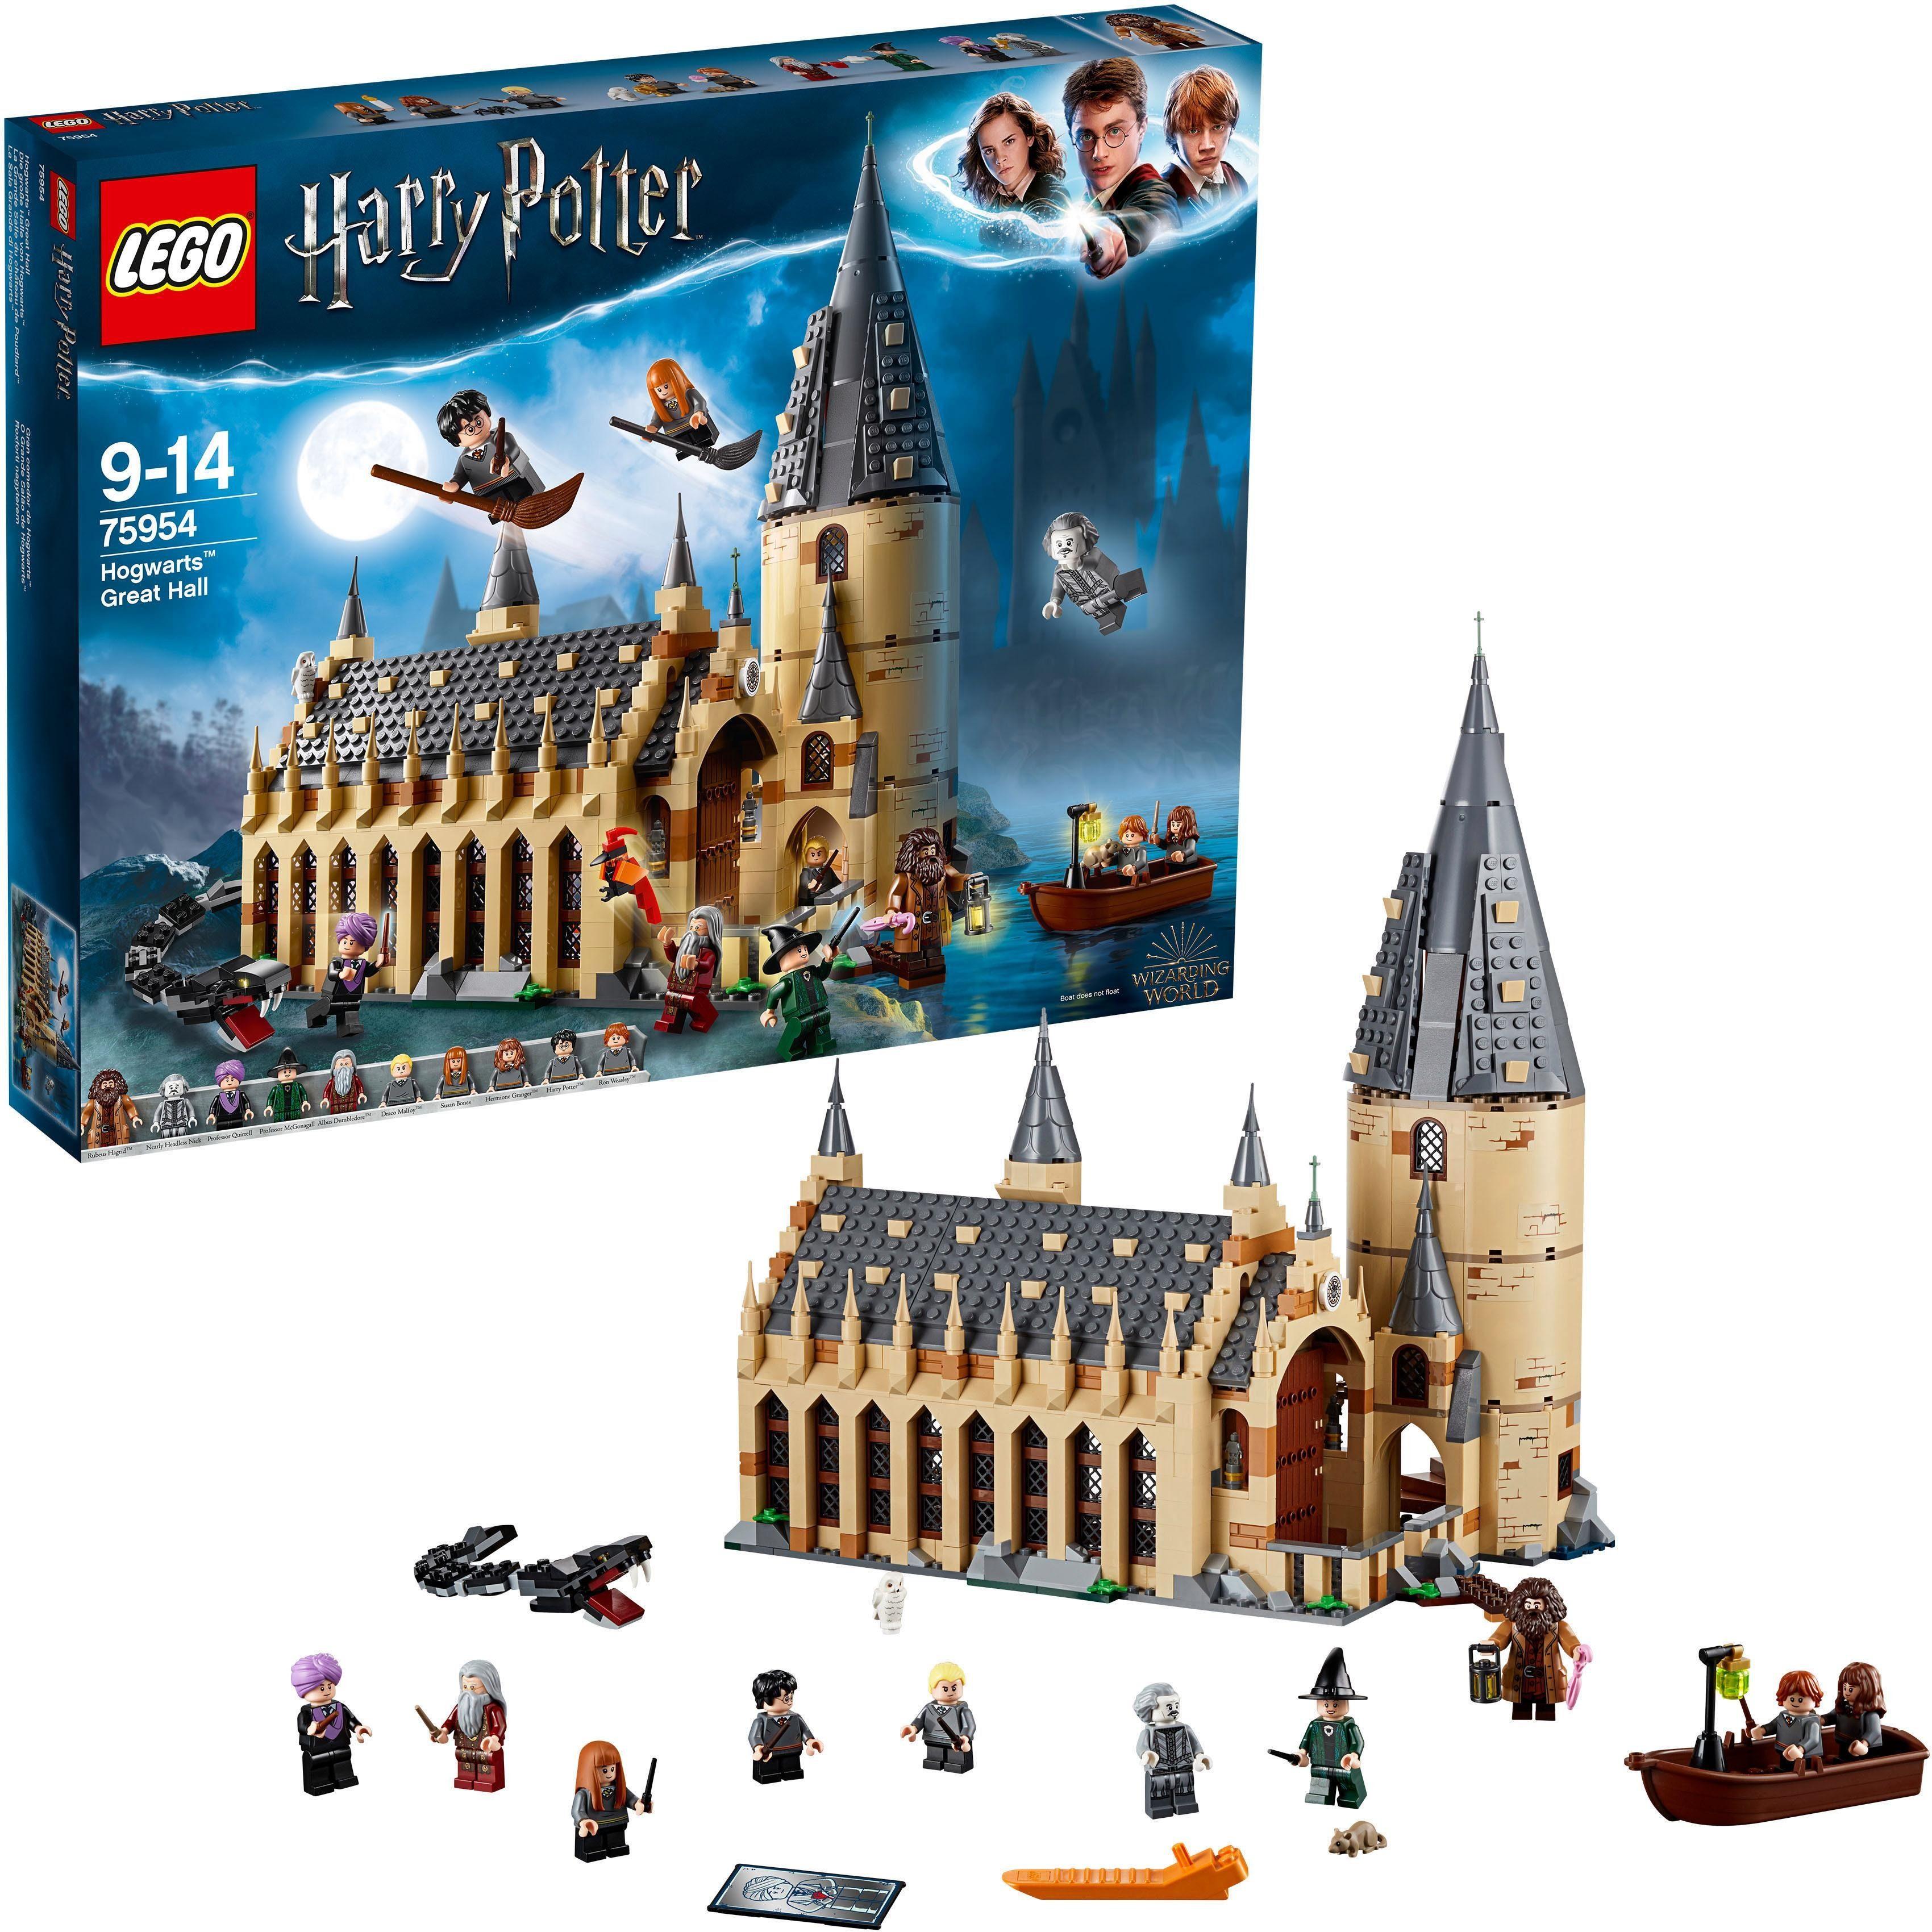 LEGO Die groe Halle von Hogwarts 75954 LEGO Harry Potter online kaufen  OTTO